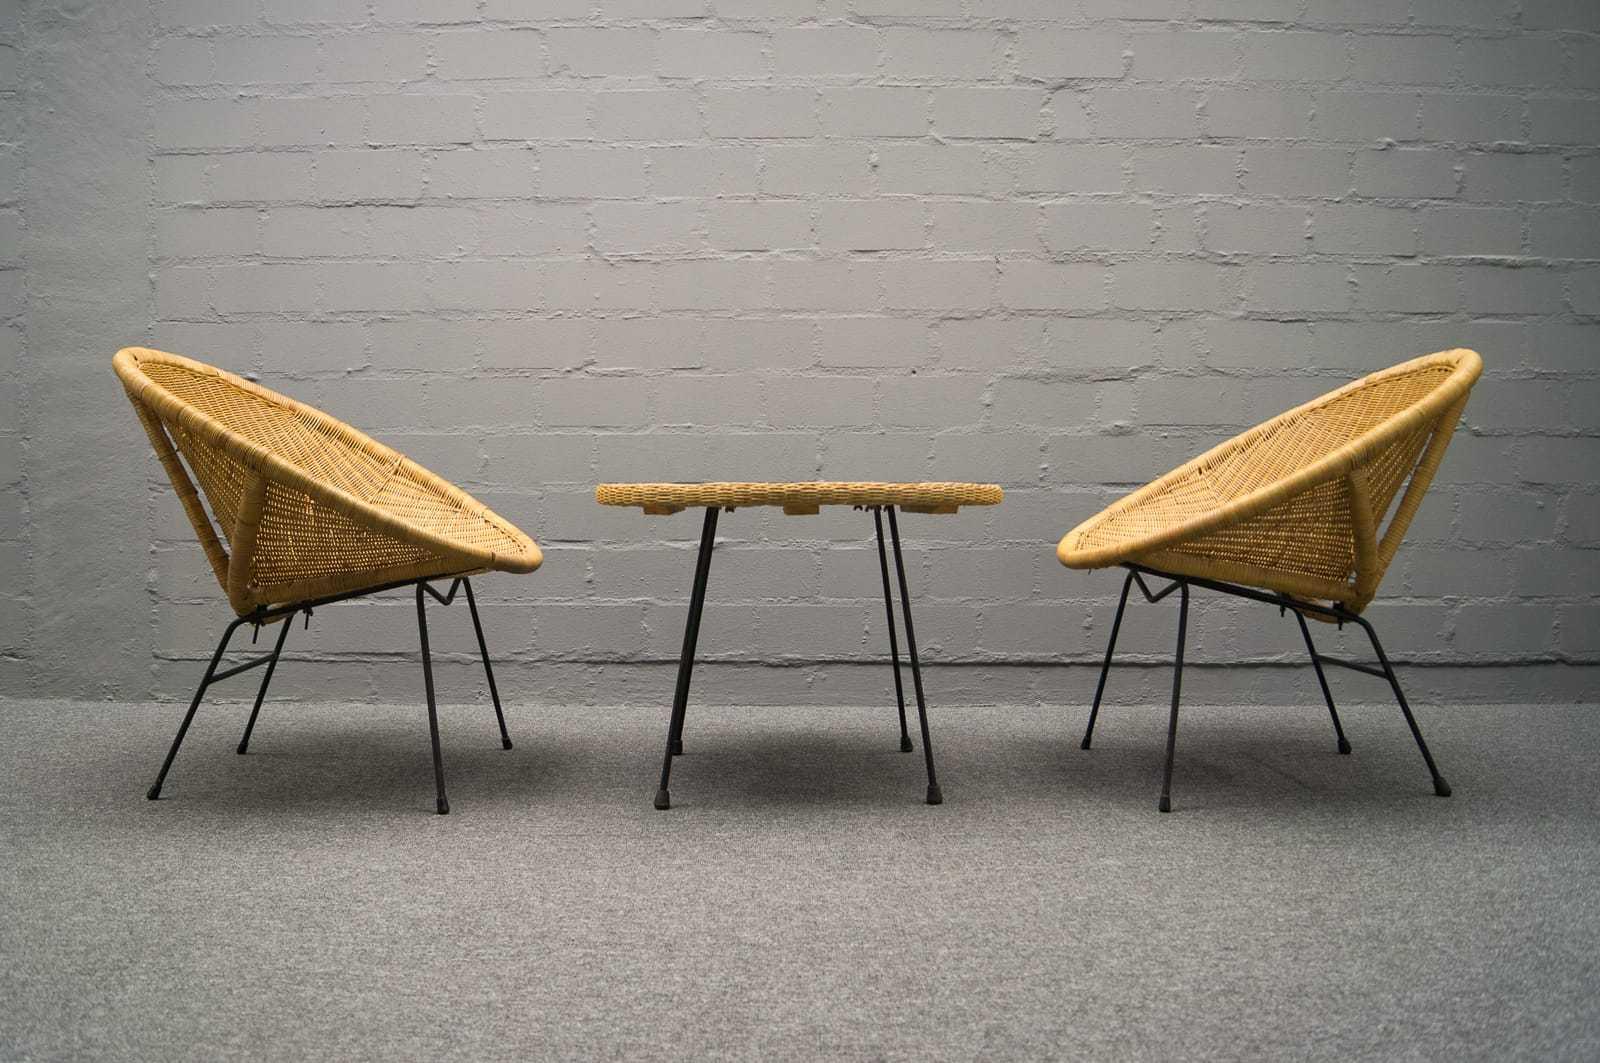 50er jahre sitzgarnitur 2x sessel mit beistelltisch. Black Bedroom Furniture Sets. Home Design Ideas